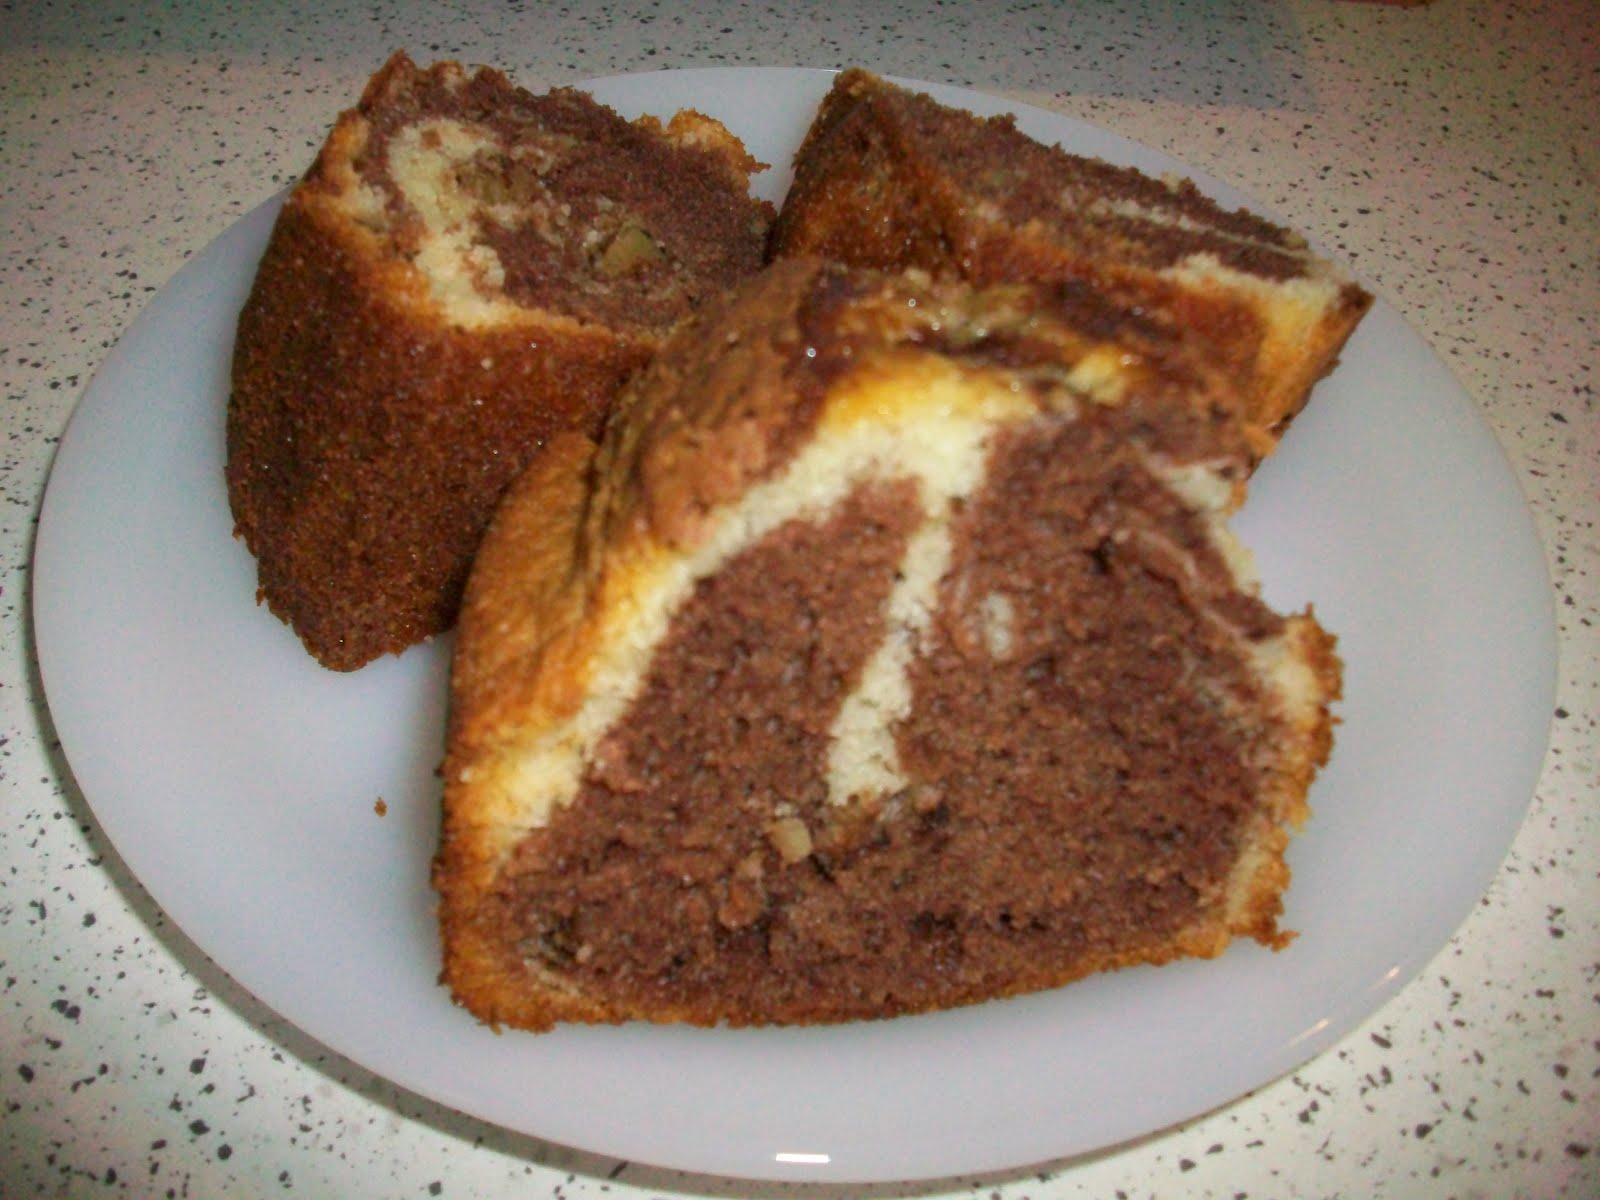 Unsuz çikolatalı kek ile Etiketlenen Konular 38